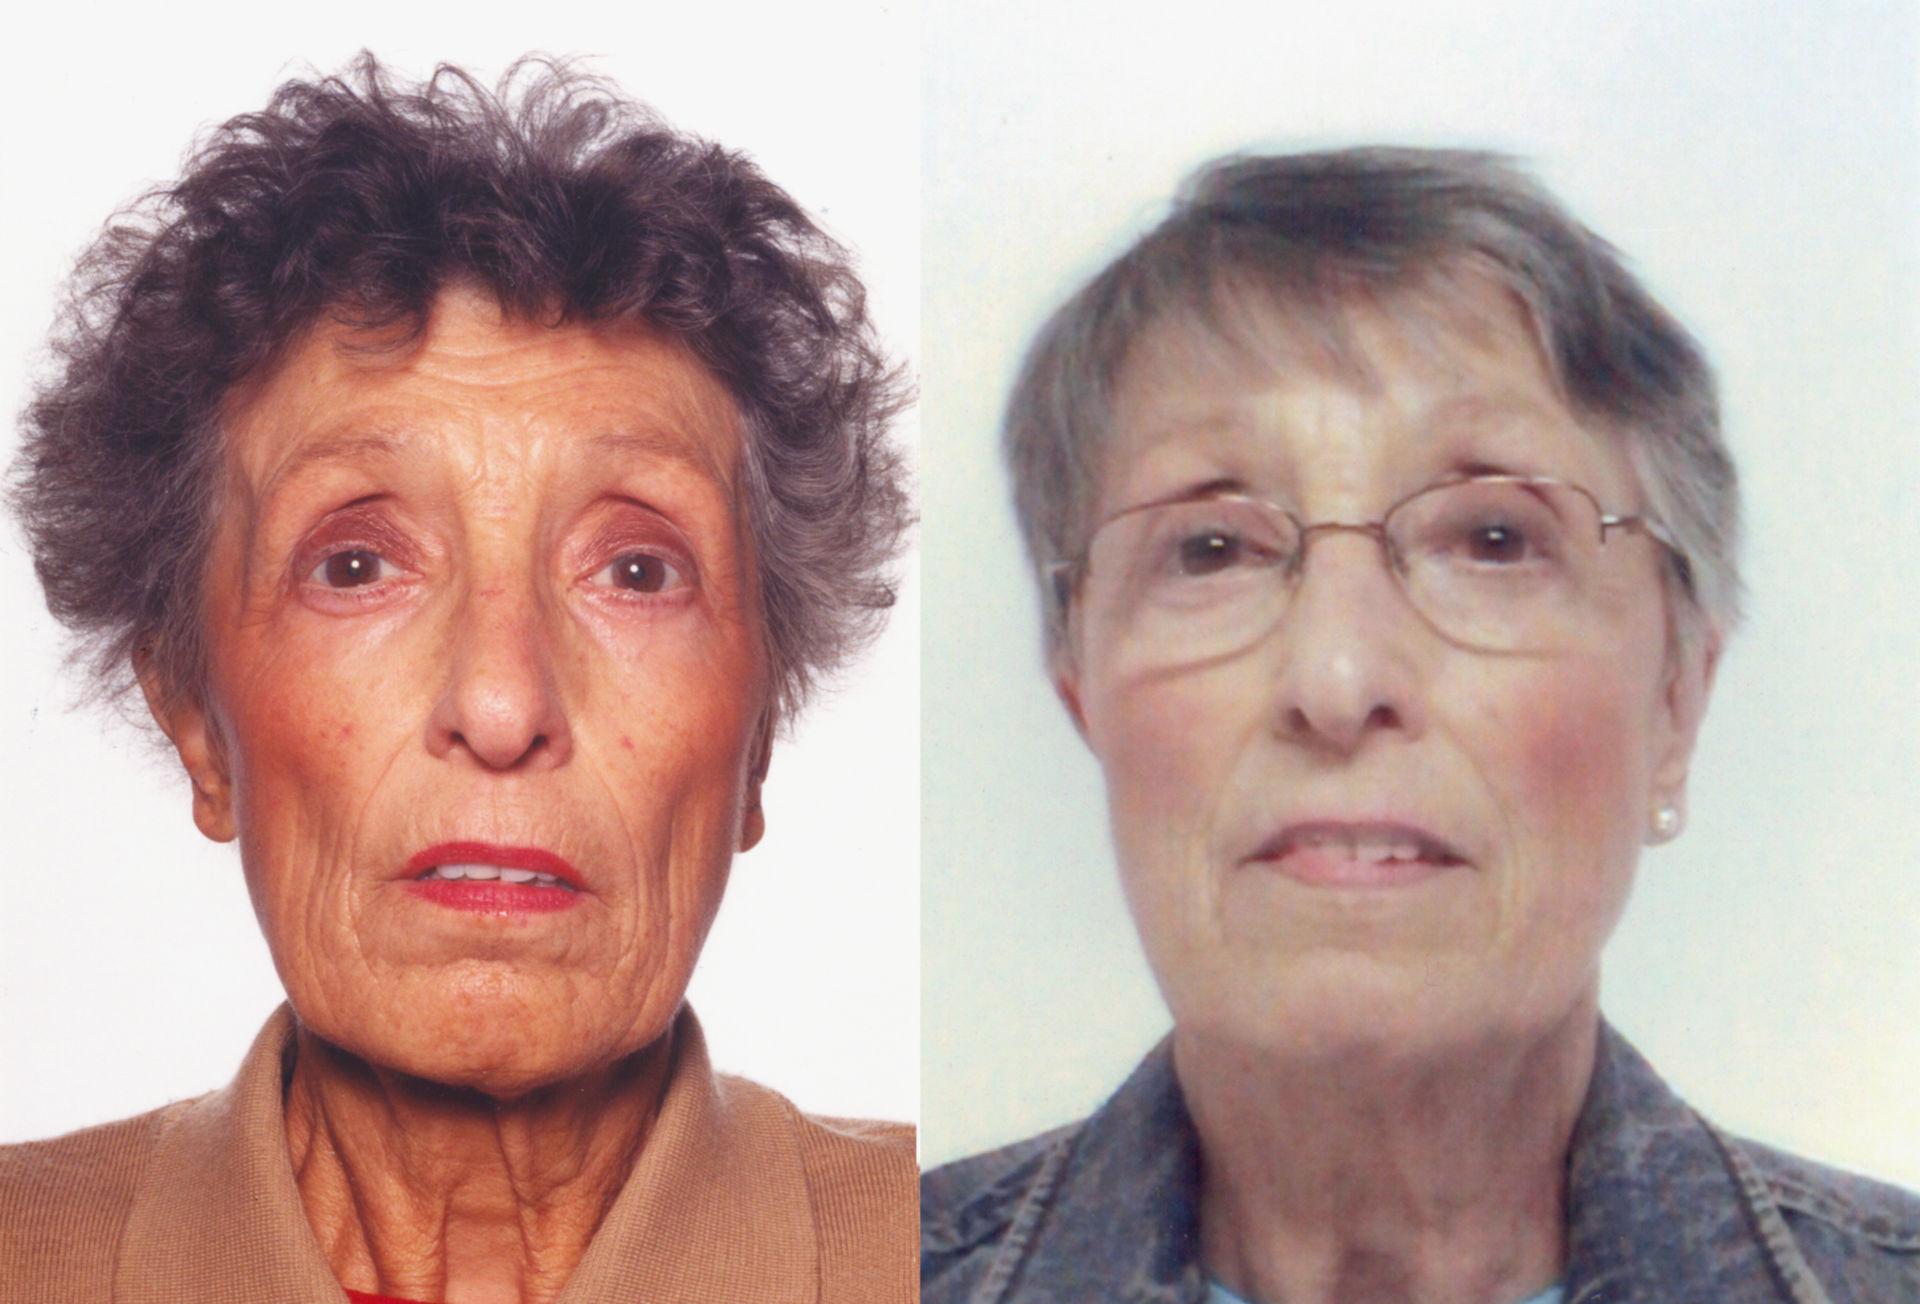 Paciente de 69 años de edad, con cansancio y un bronceado persistente